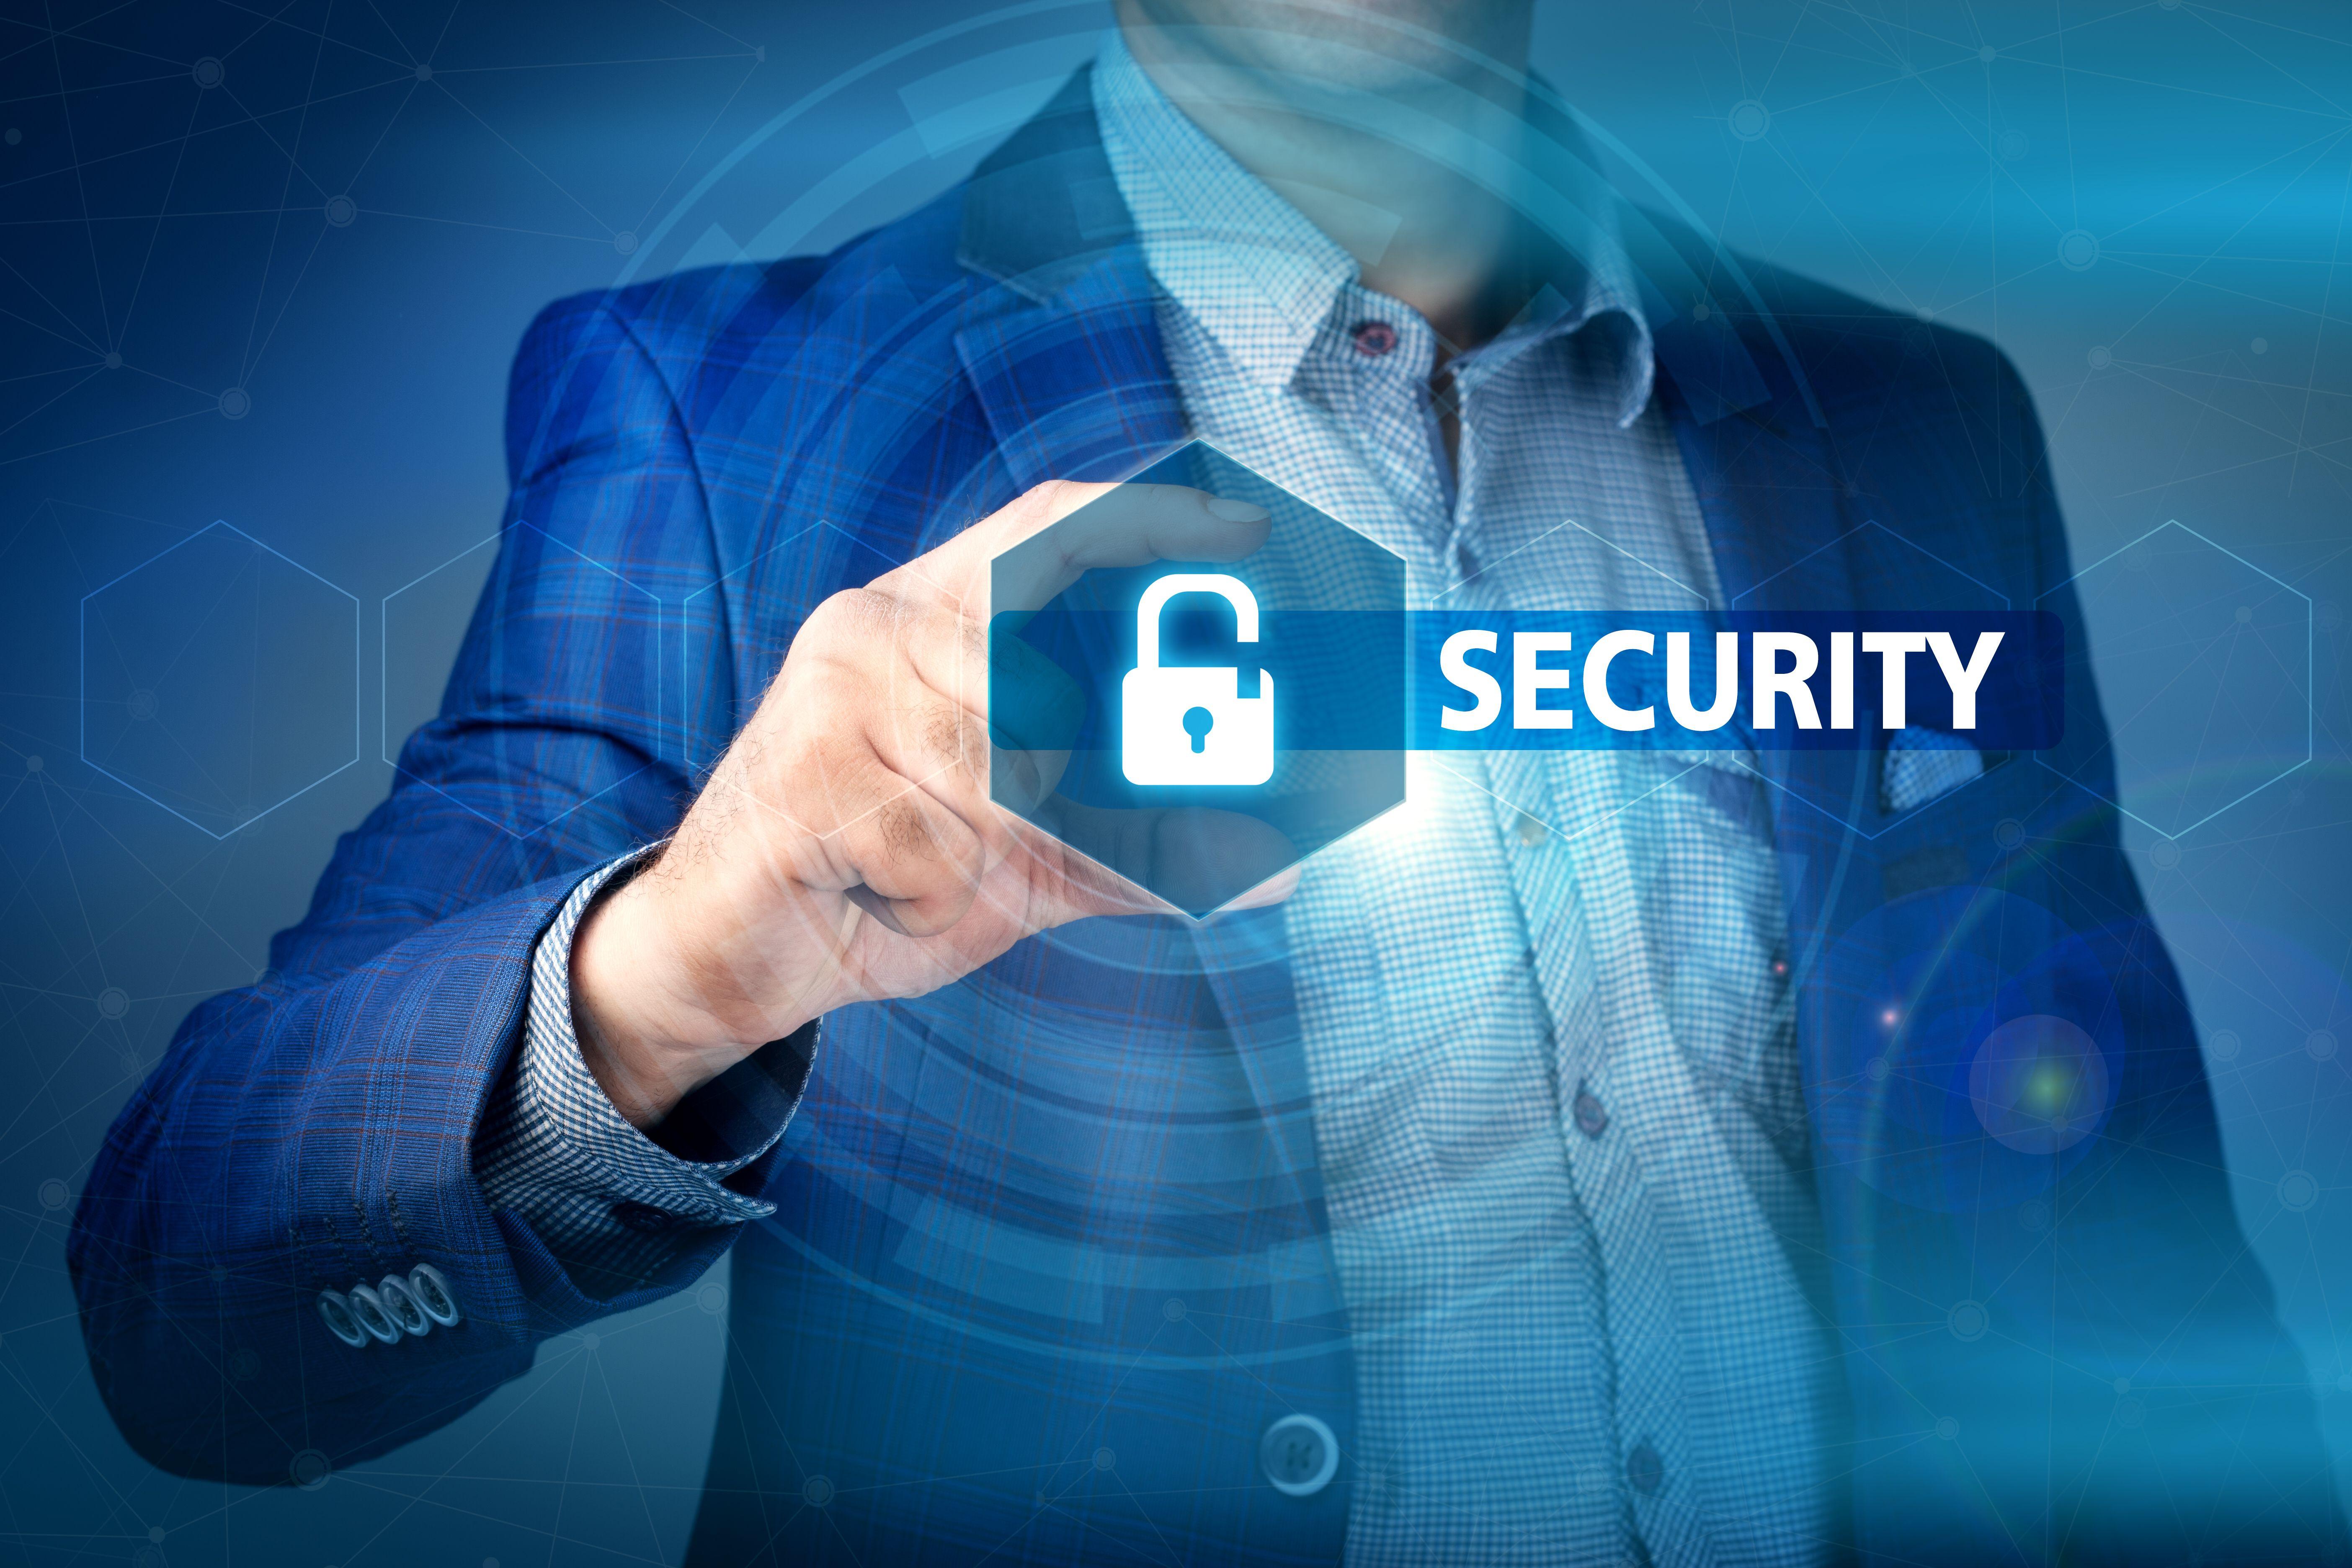 Asesoramiento de seguridad a empresas: Productos y Servicios de S.I.M.I. Seguridad